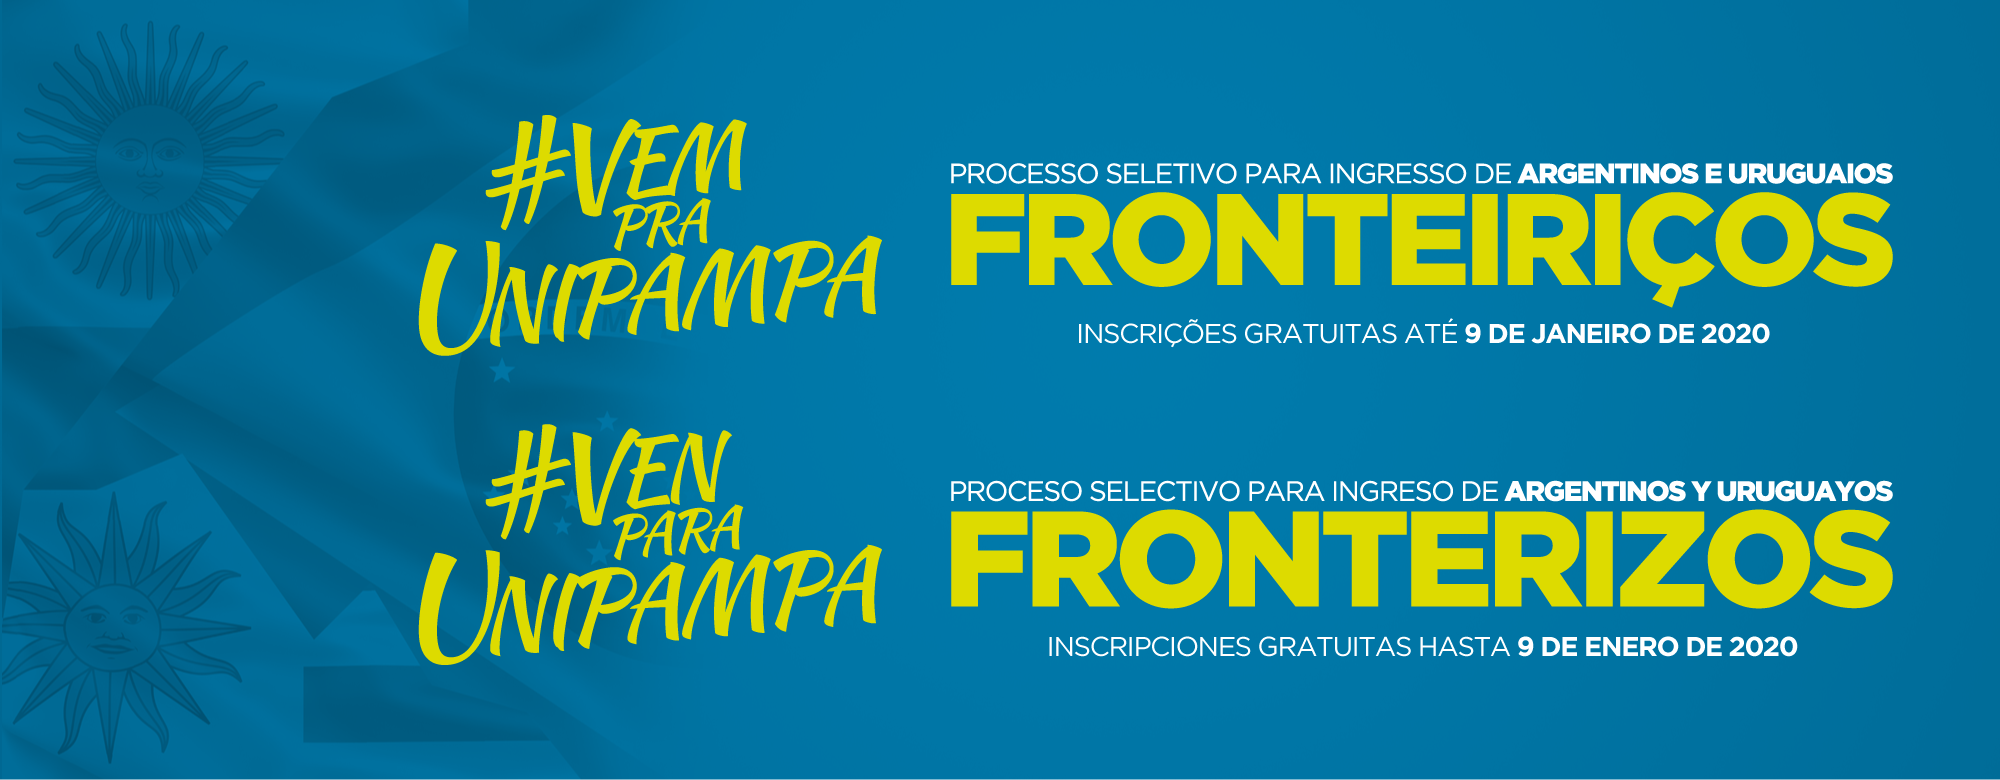 Processo Seletivo para Ingresso de Argentinos e Uruguaios Fronteiriços.